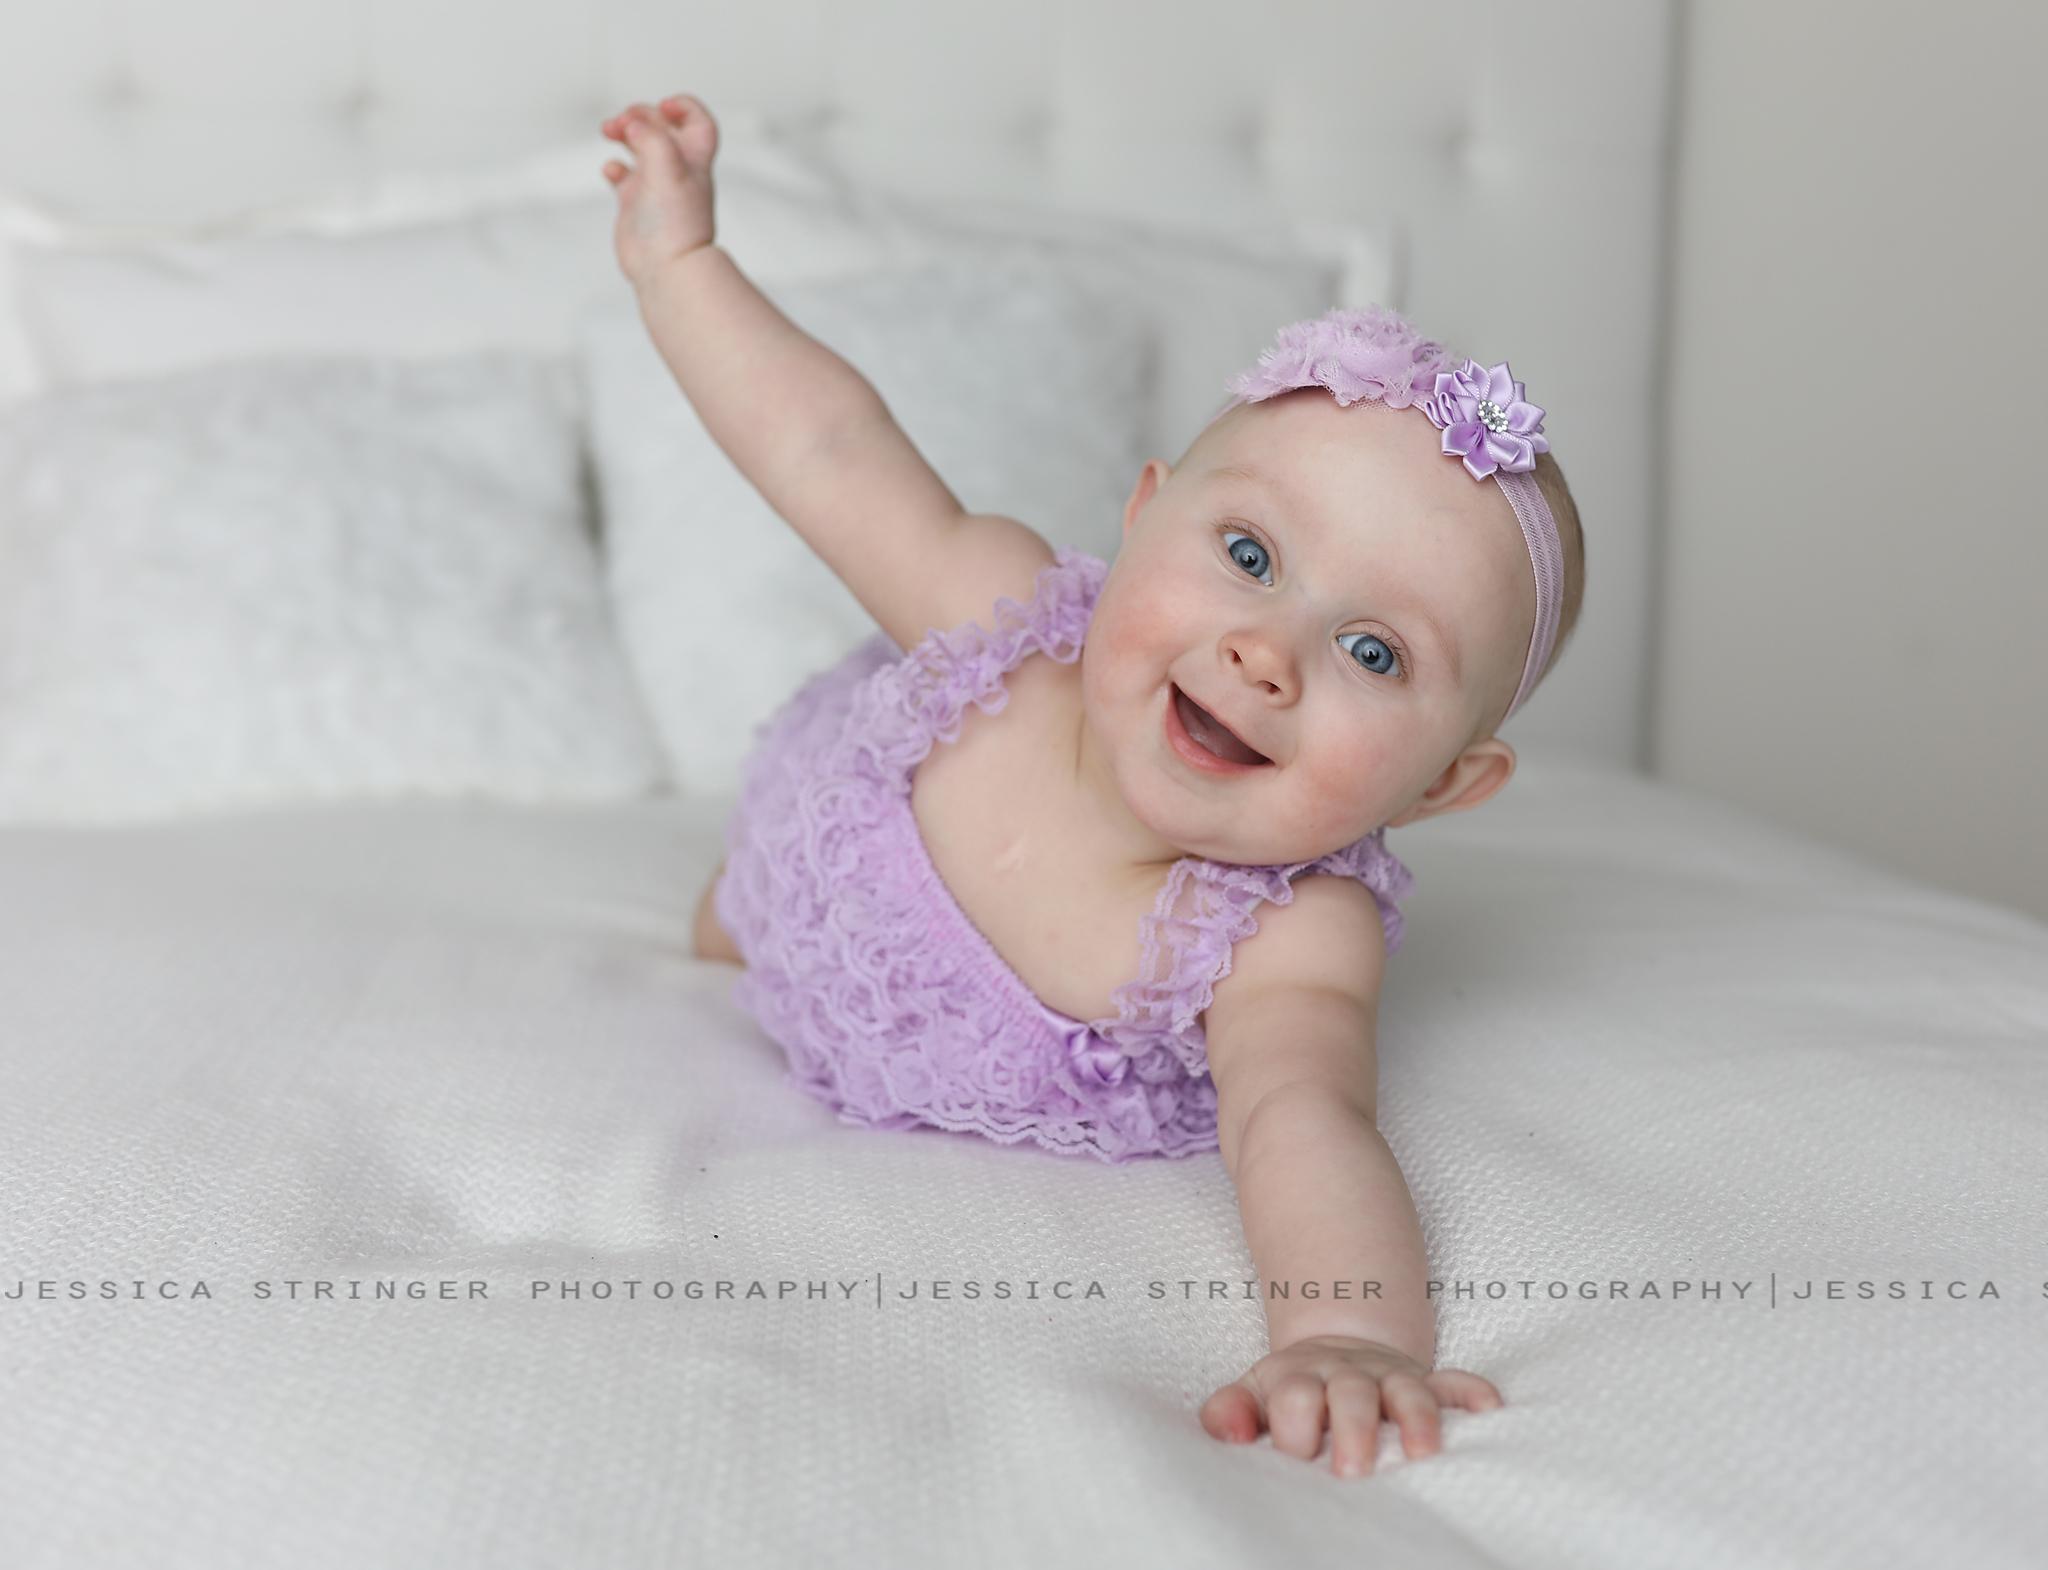 Jessica Stringer Photography | Rochester NY Newborn photography | Rochester NY baby photography | Rochester NY photographer |newborn photographers in Rochester NY